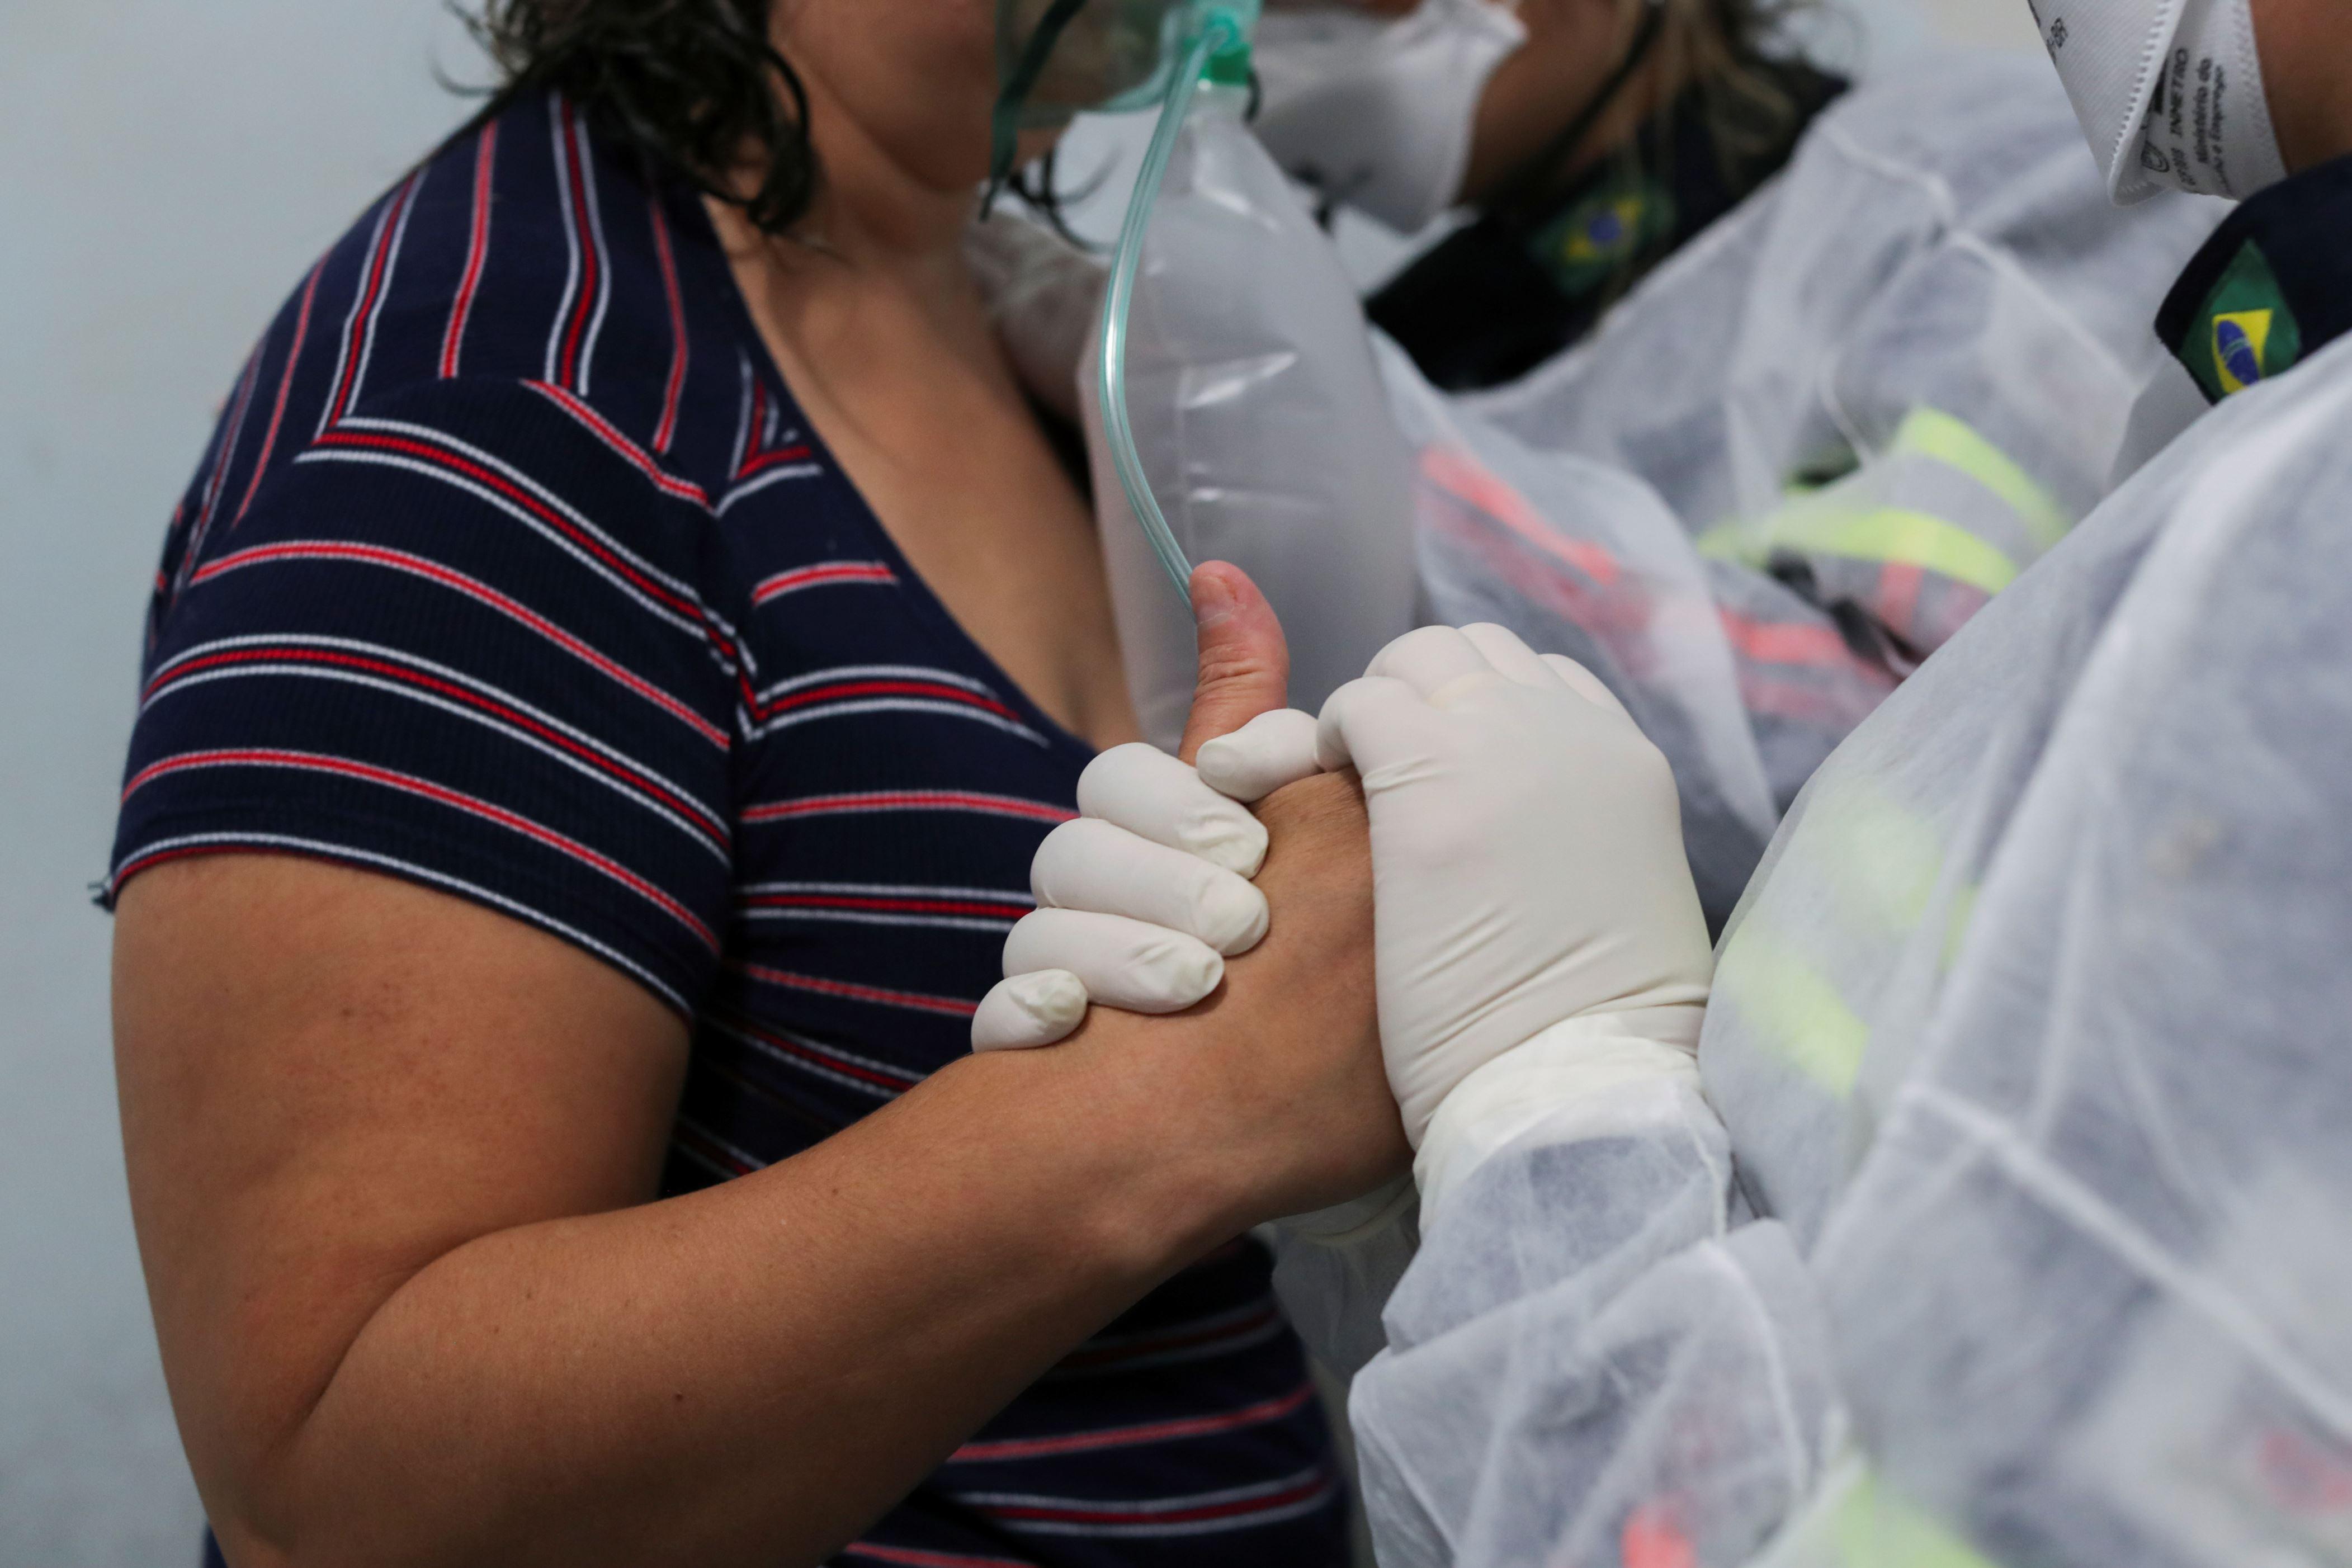 冠状病毒:巴西的死亡人数超过30万人的死亡门槛